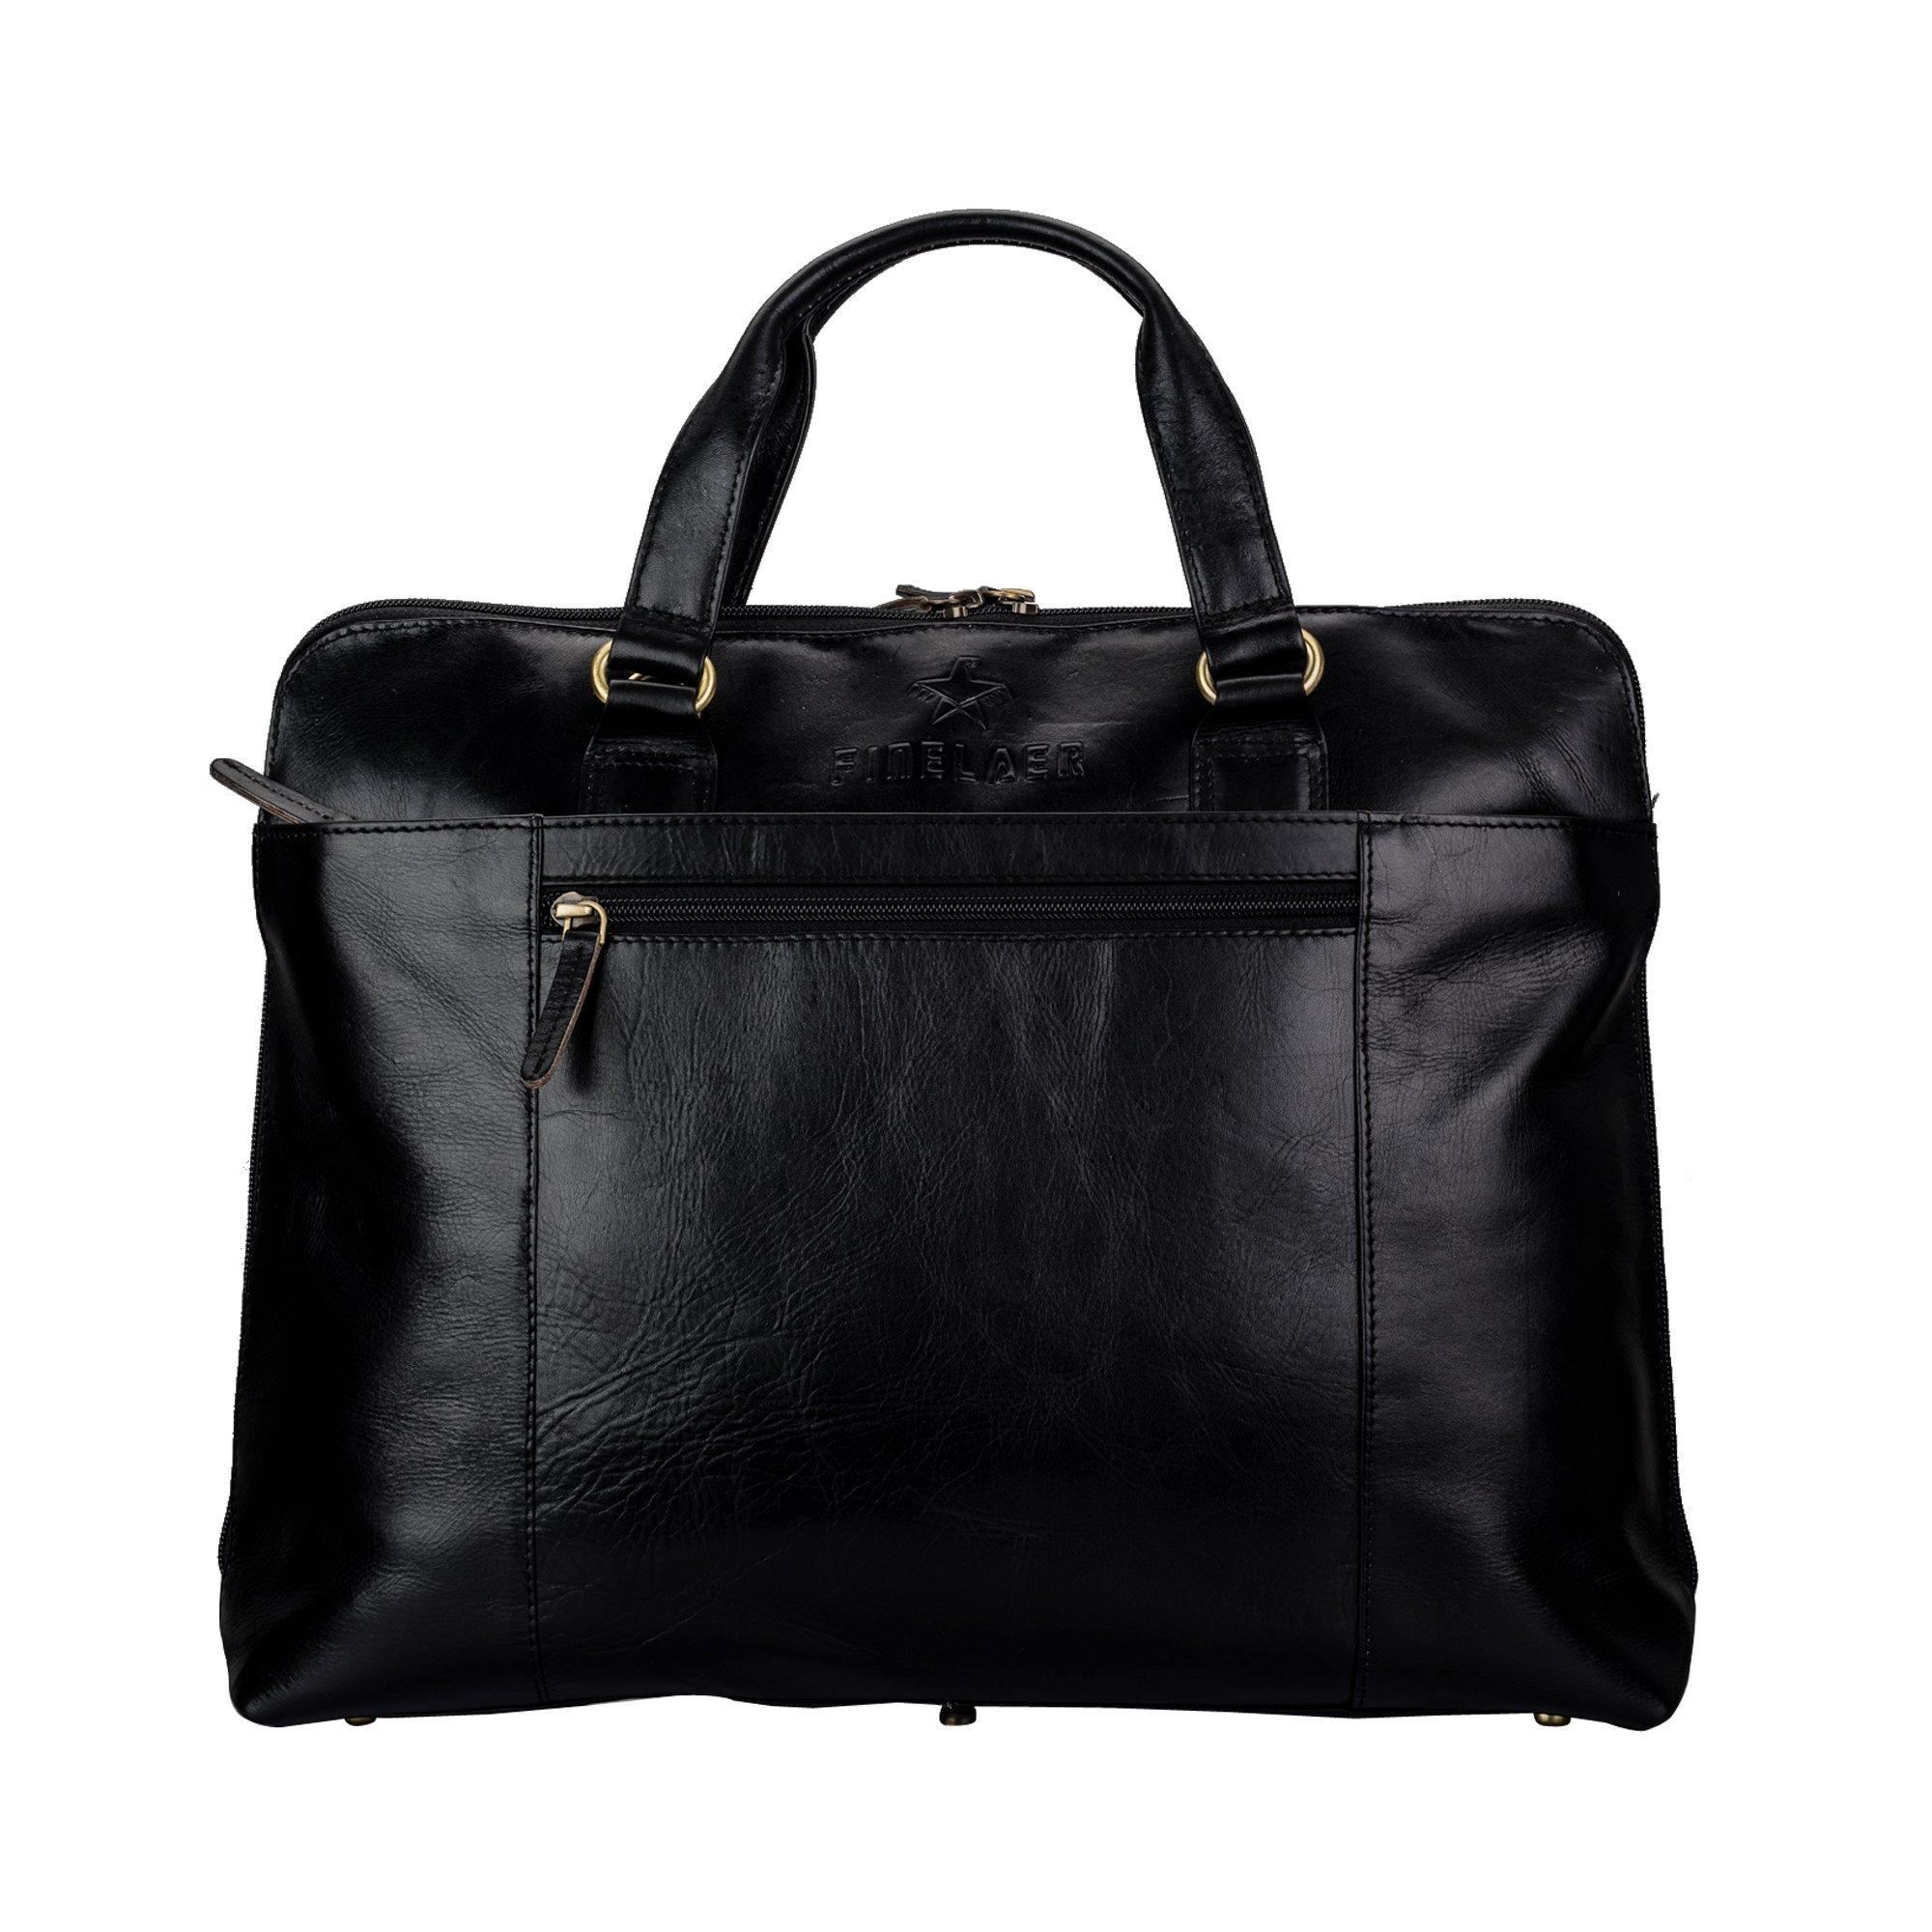 FINELAER Men And Women 14'' Leather Laptop Computer Messenger Shoulder Strap Office Bag Black